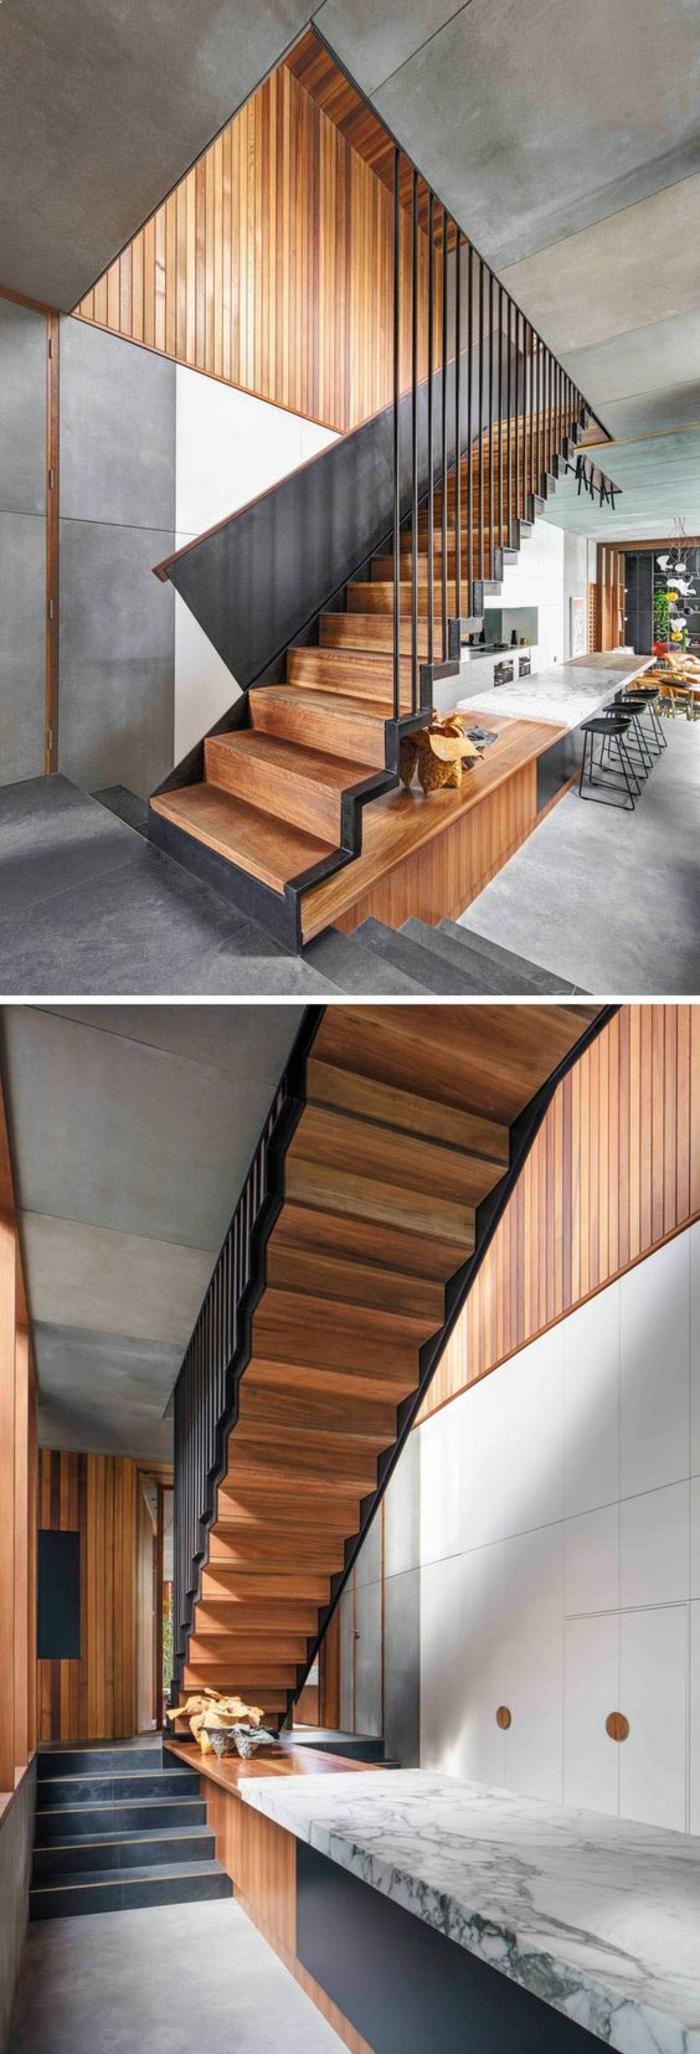 escalier moderne, escalier bois, en couleur chaude avec parties en métal noir, escalier sans limon central, escalier interieur